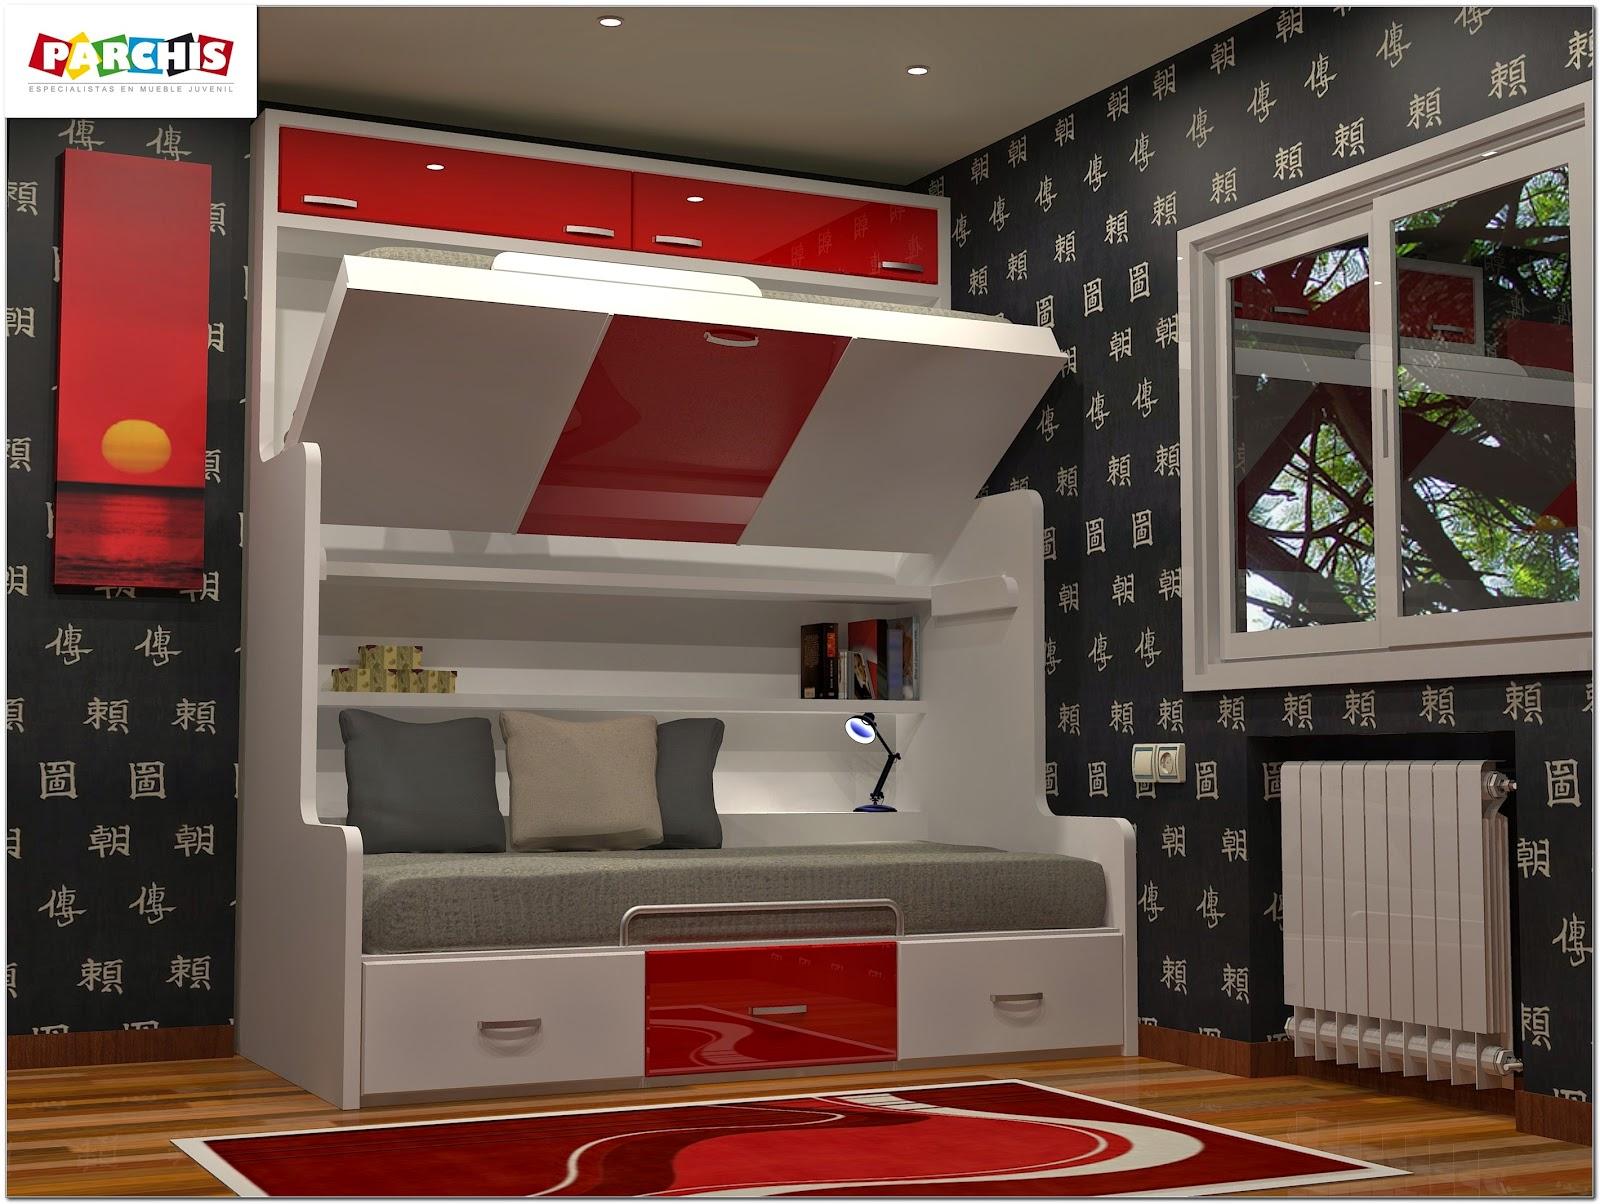 Muebles juveniles dormitorios infantiles y habitaciones for Muebles juveniles baratos